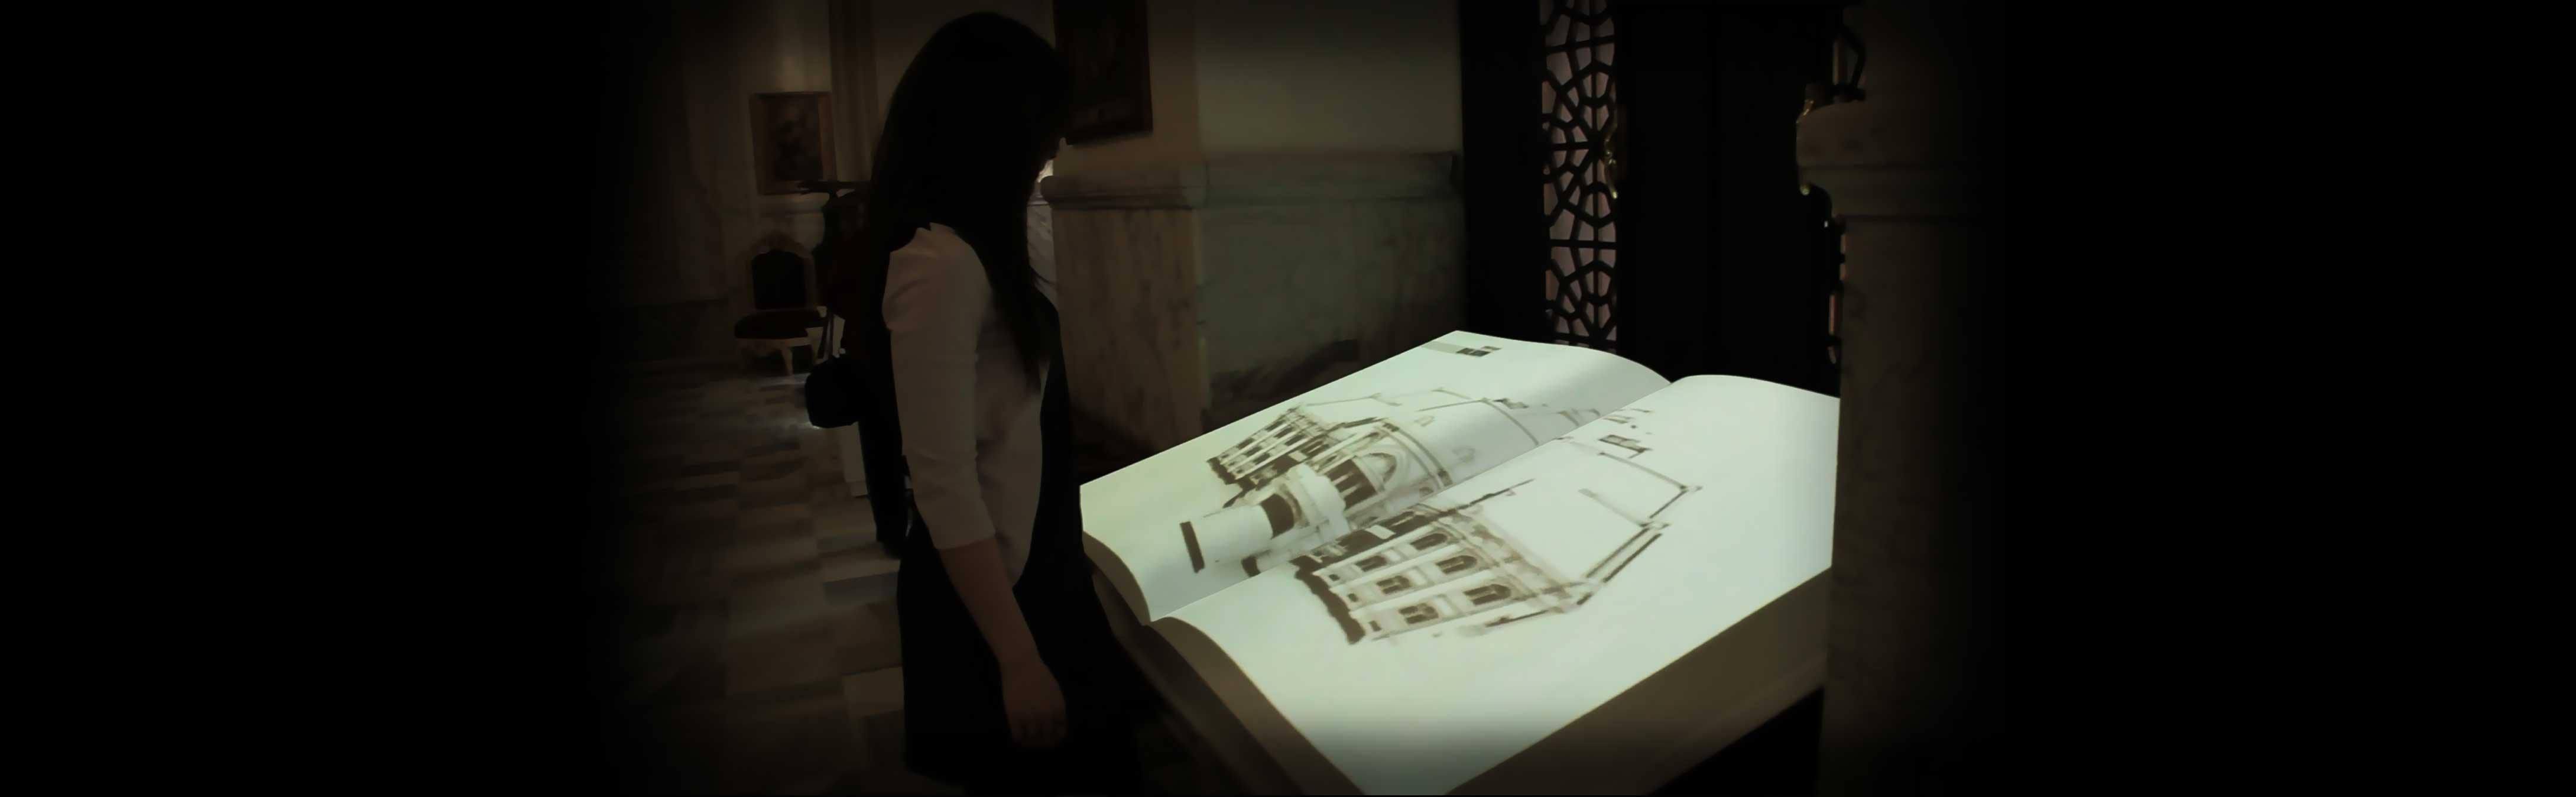 Woman looking at Interactive Book